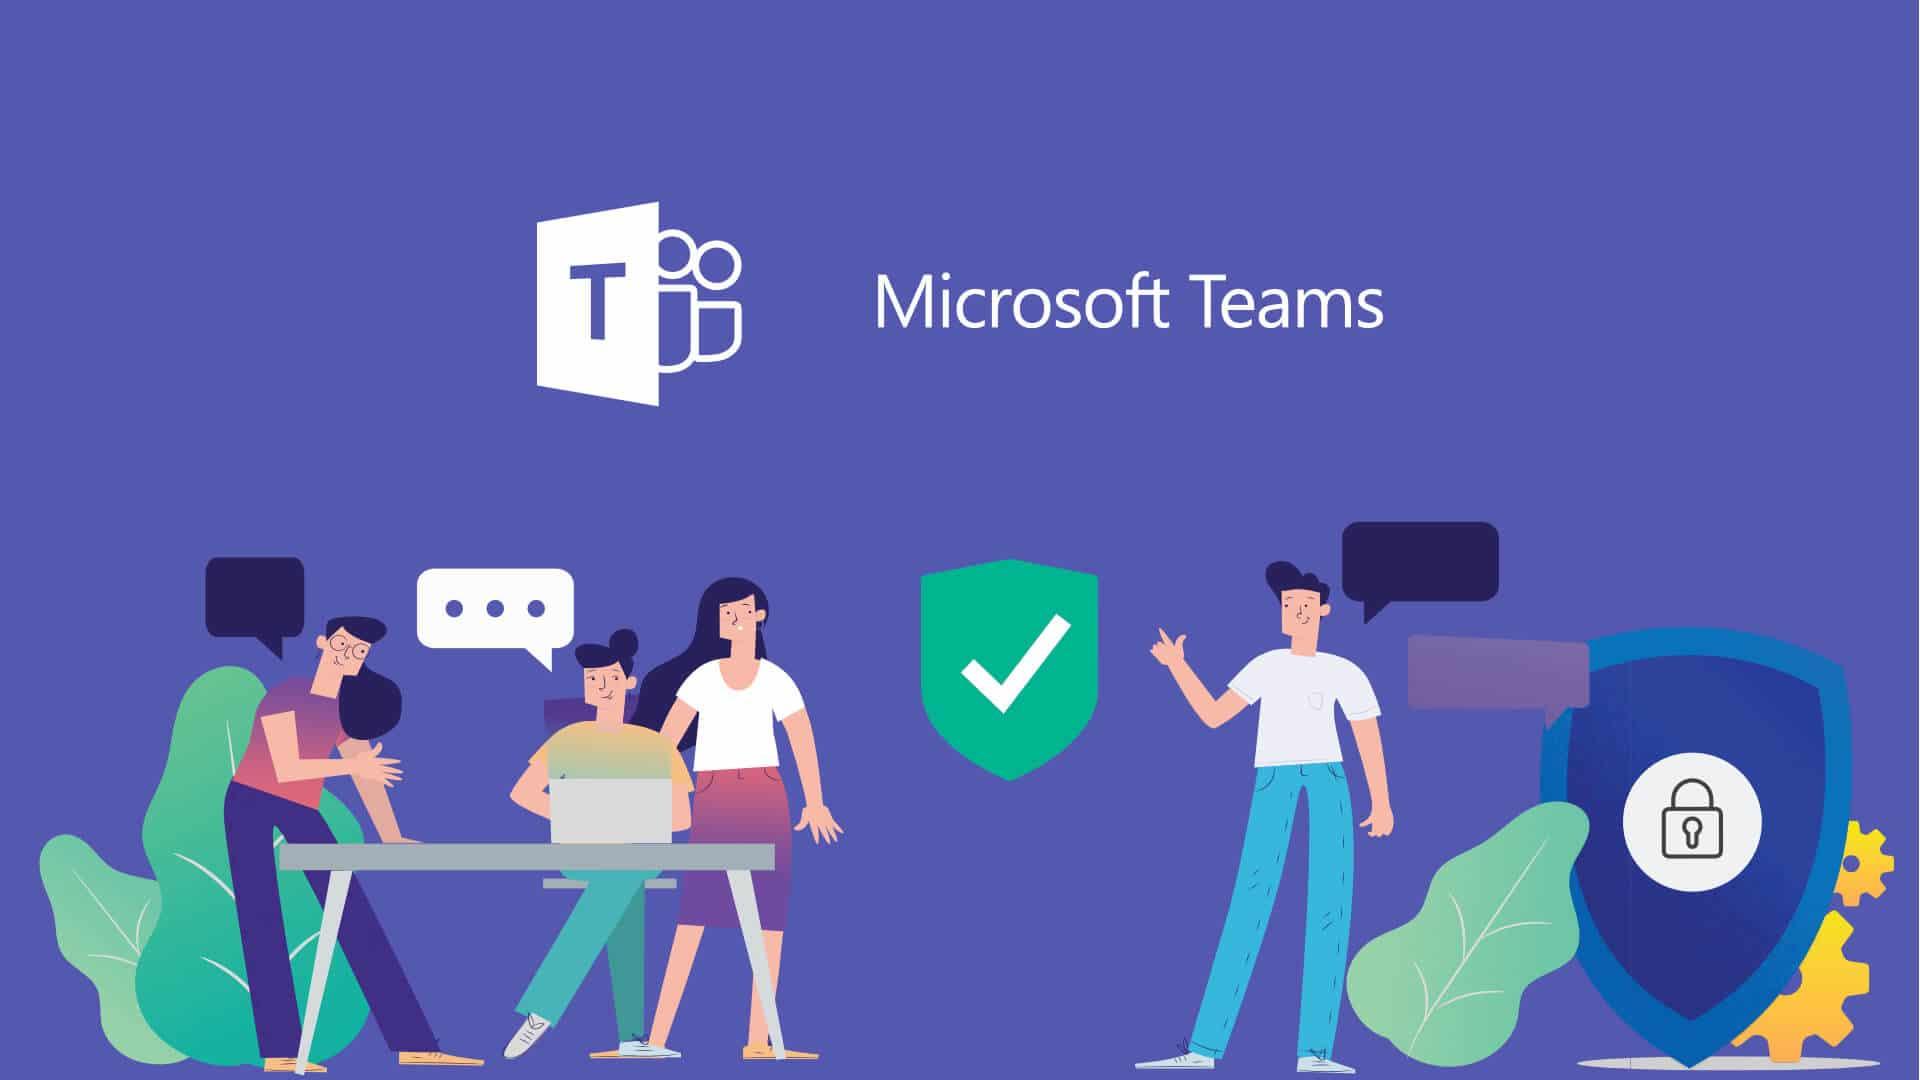 Старт программы «Использование цифровых ресурсов  Microsoft в привязке к Teams во время учебного процесса»